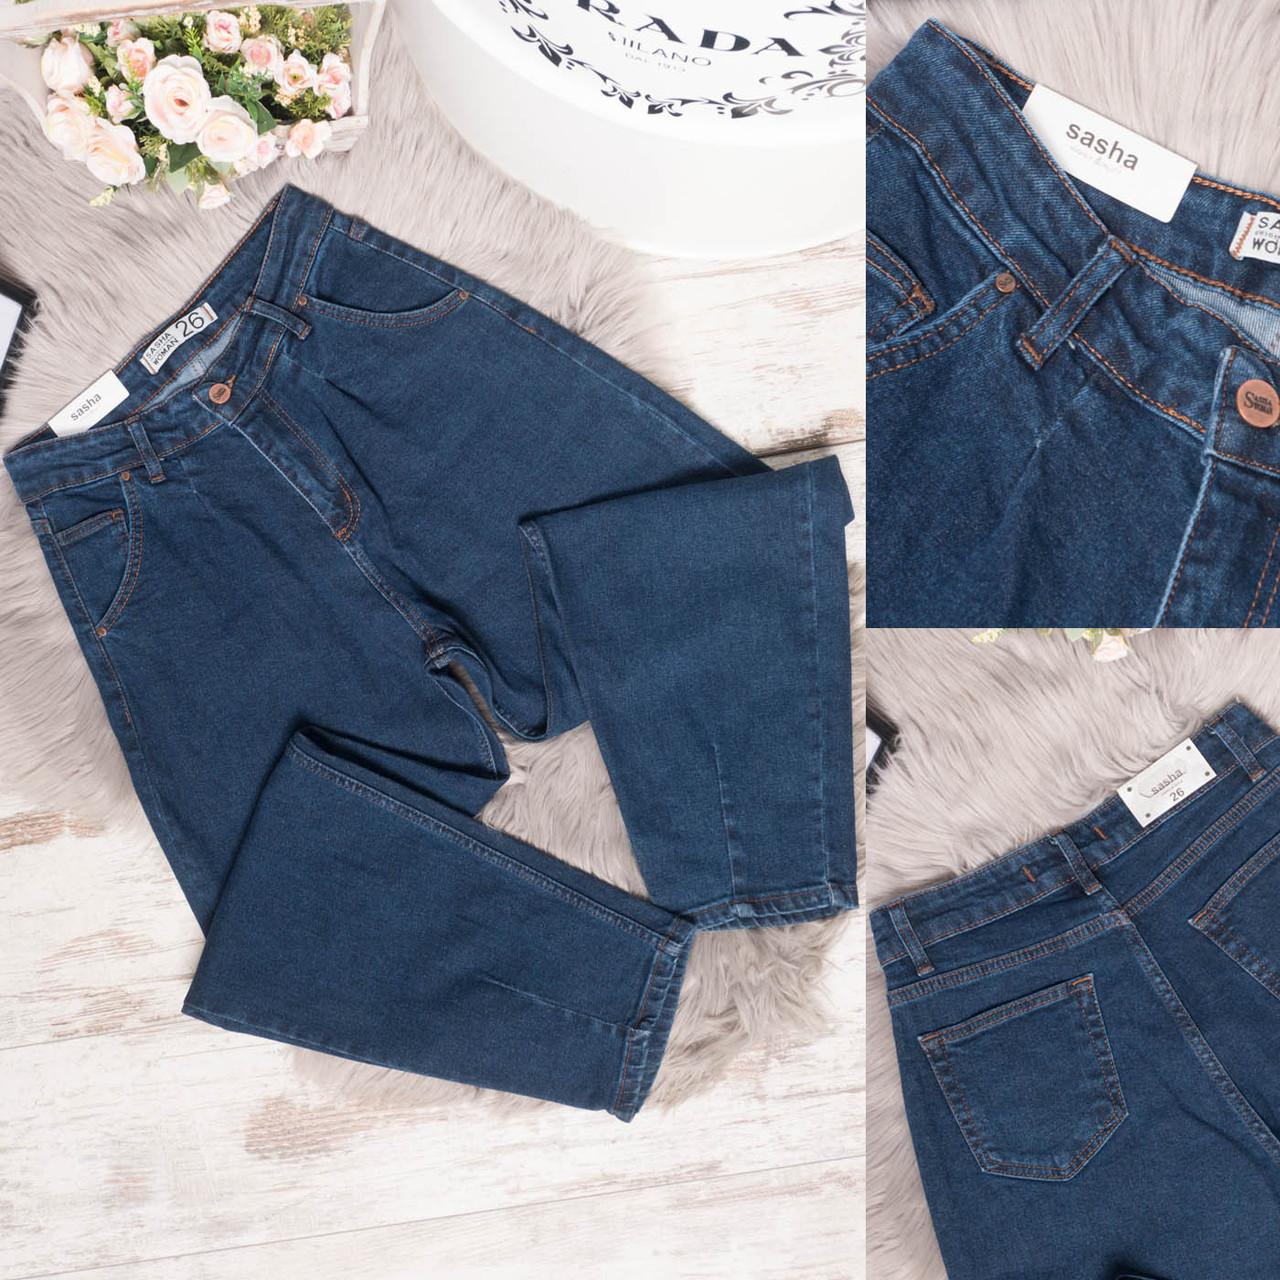 10850 Sasha джинсы-баллон синие весенние стрейчевые (26-31, 8 ед.)